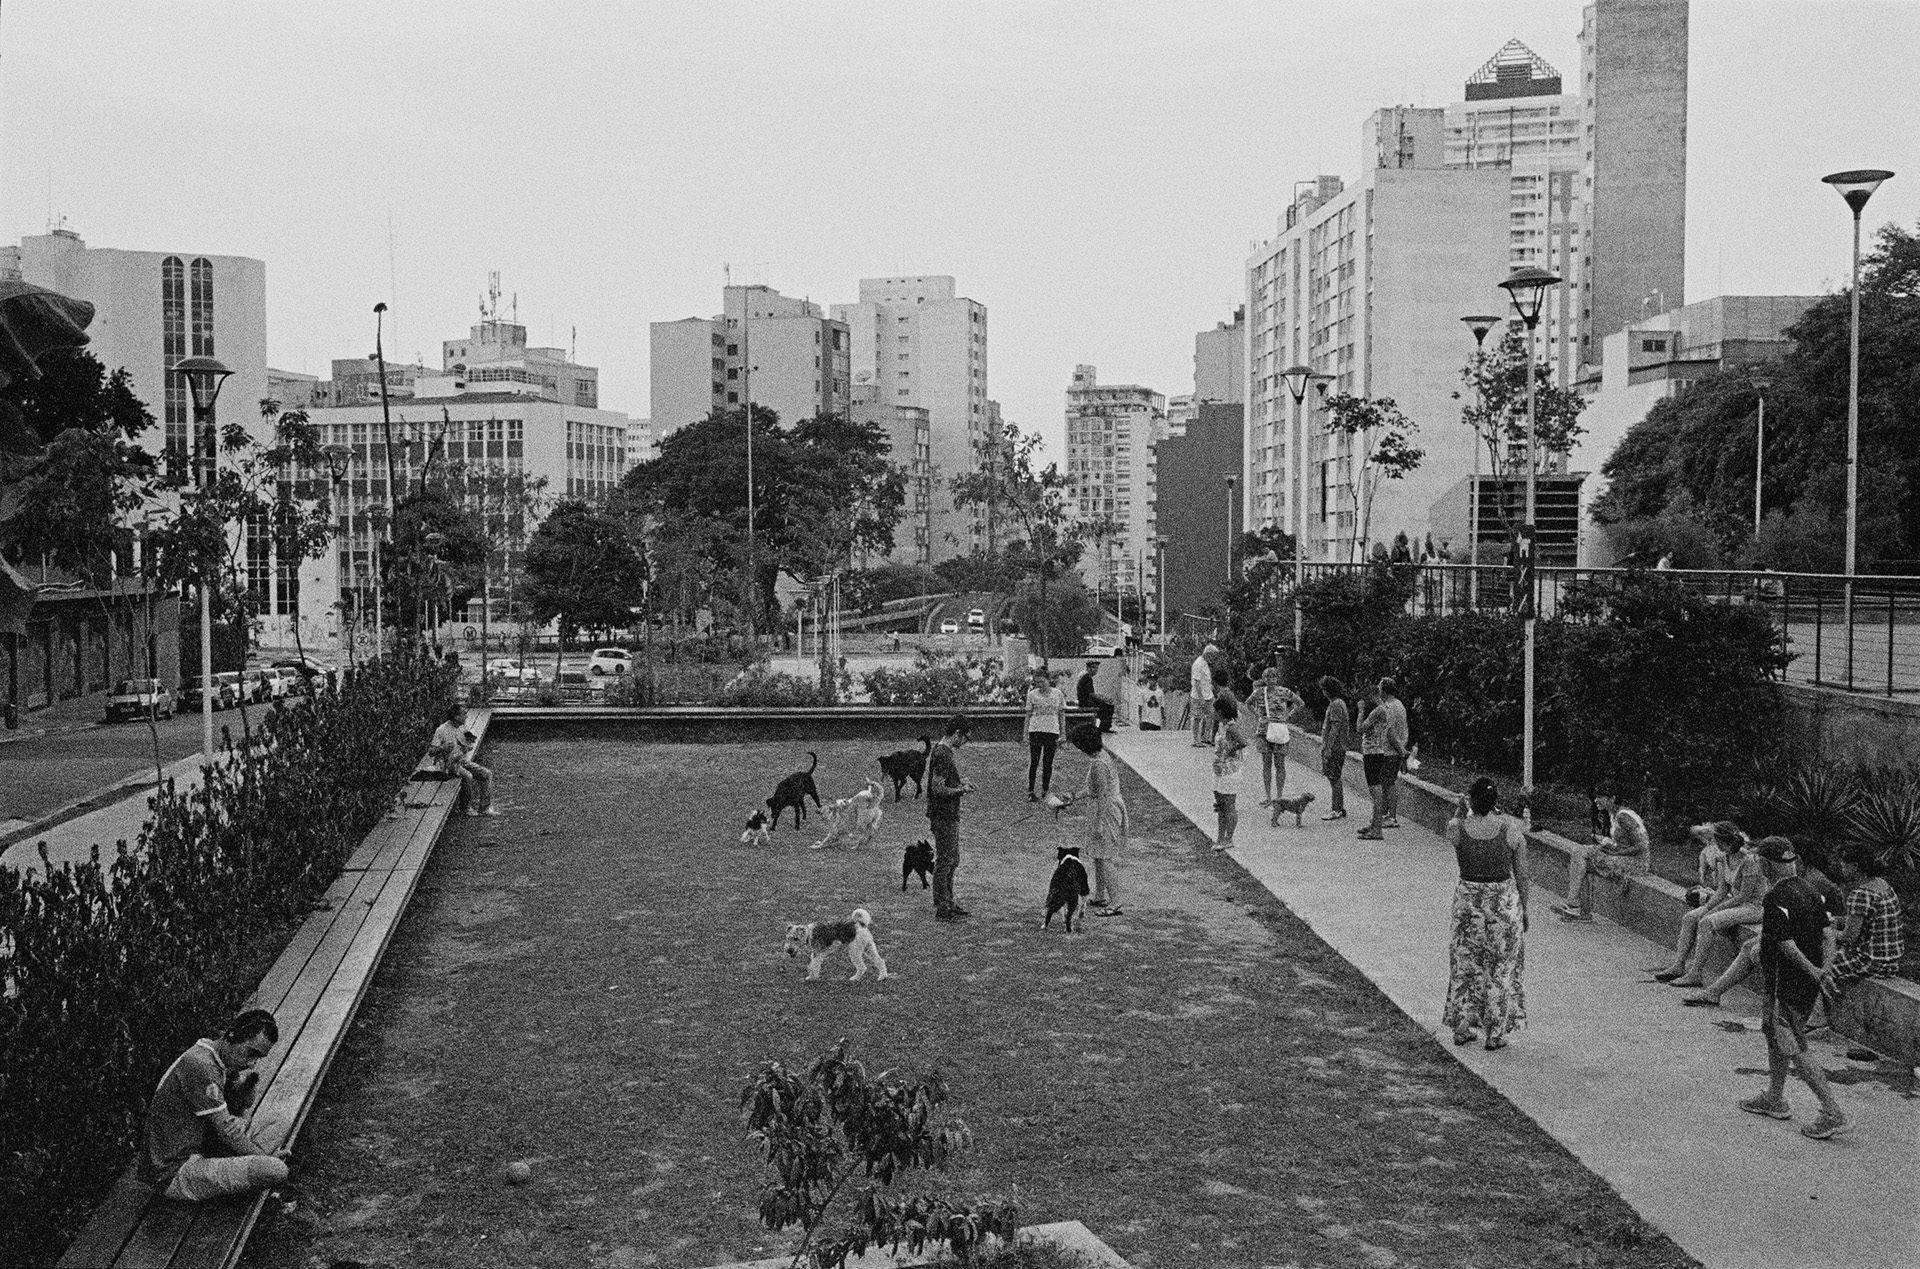 São Paulo – Praça Roosevelt #2, 2014. Fotografia de Mauro Restiffe